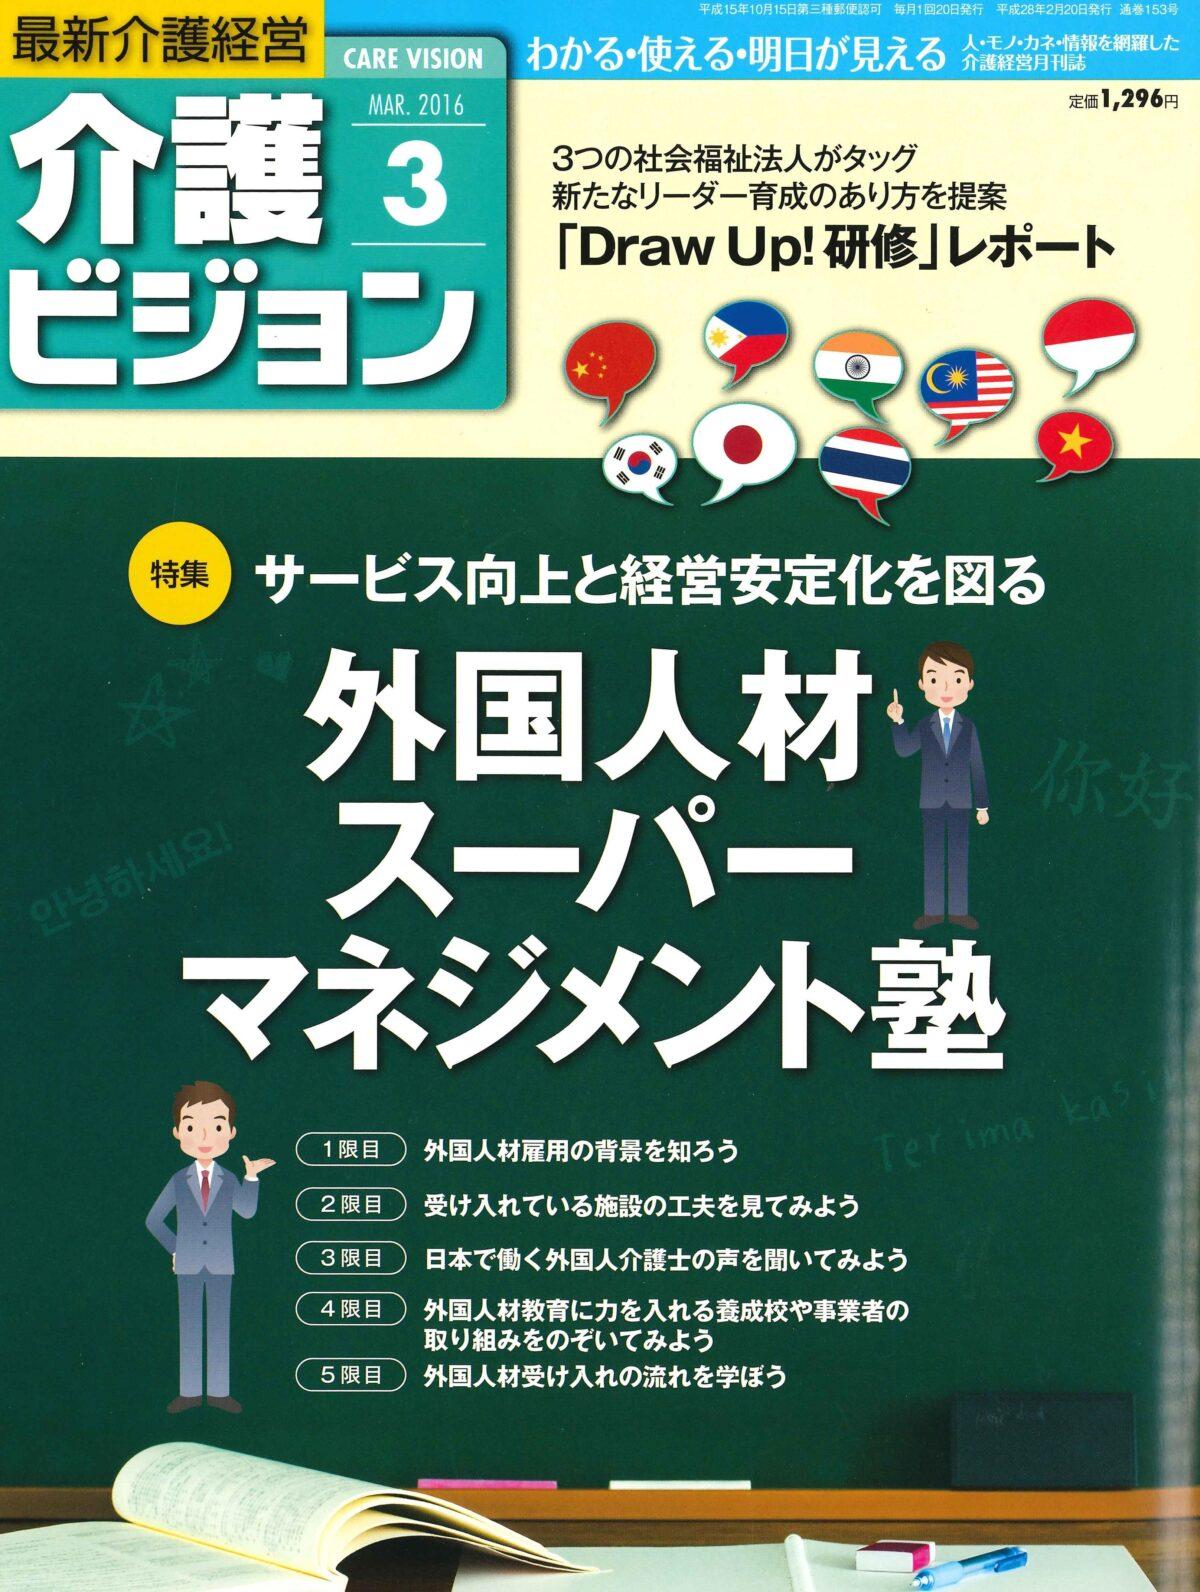 「Draw Up!研修」の紹介